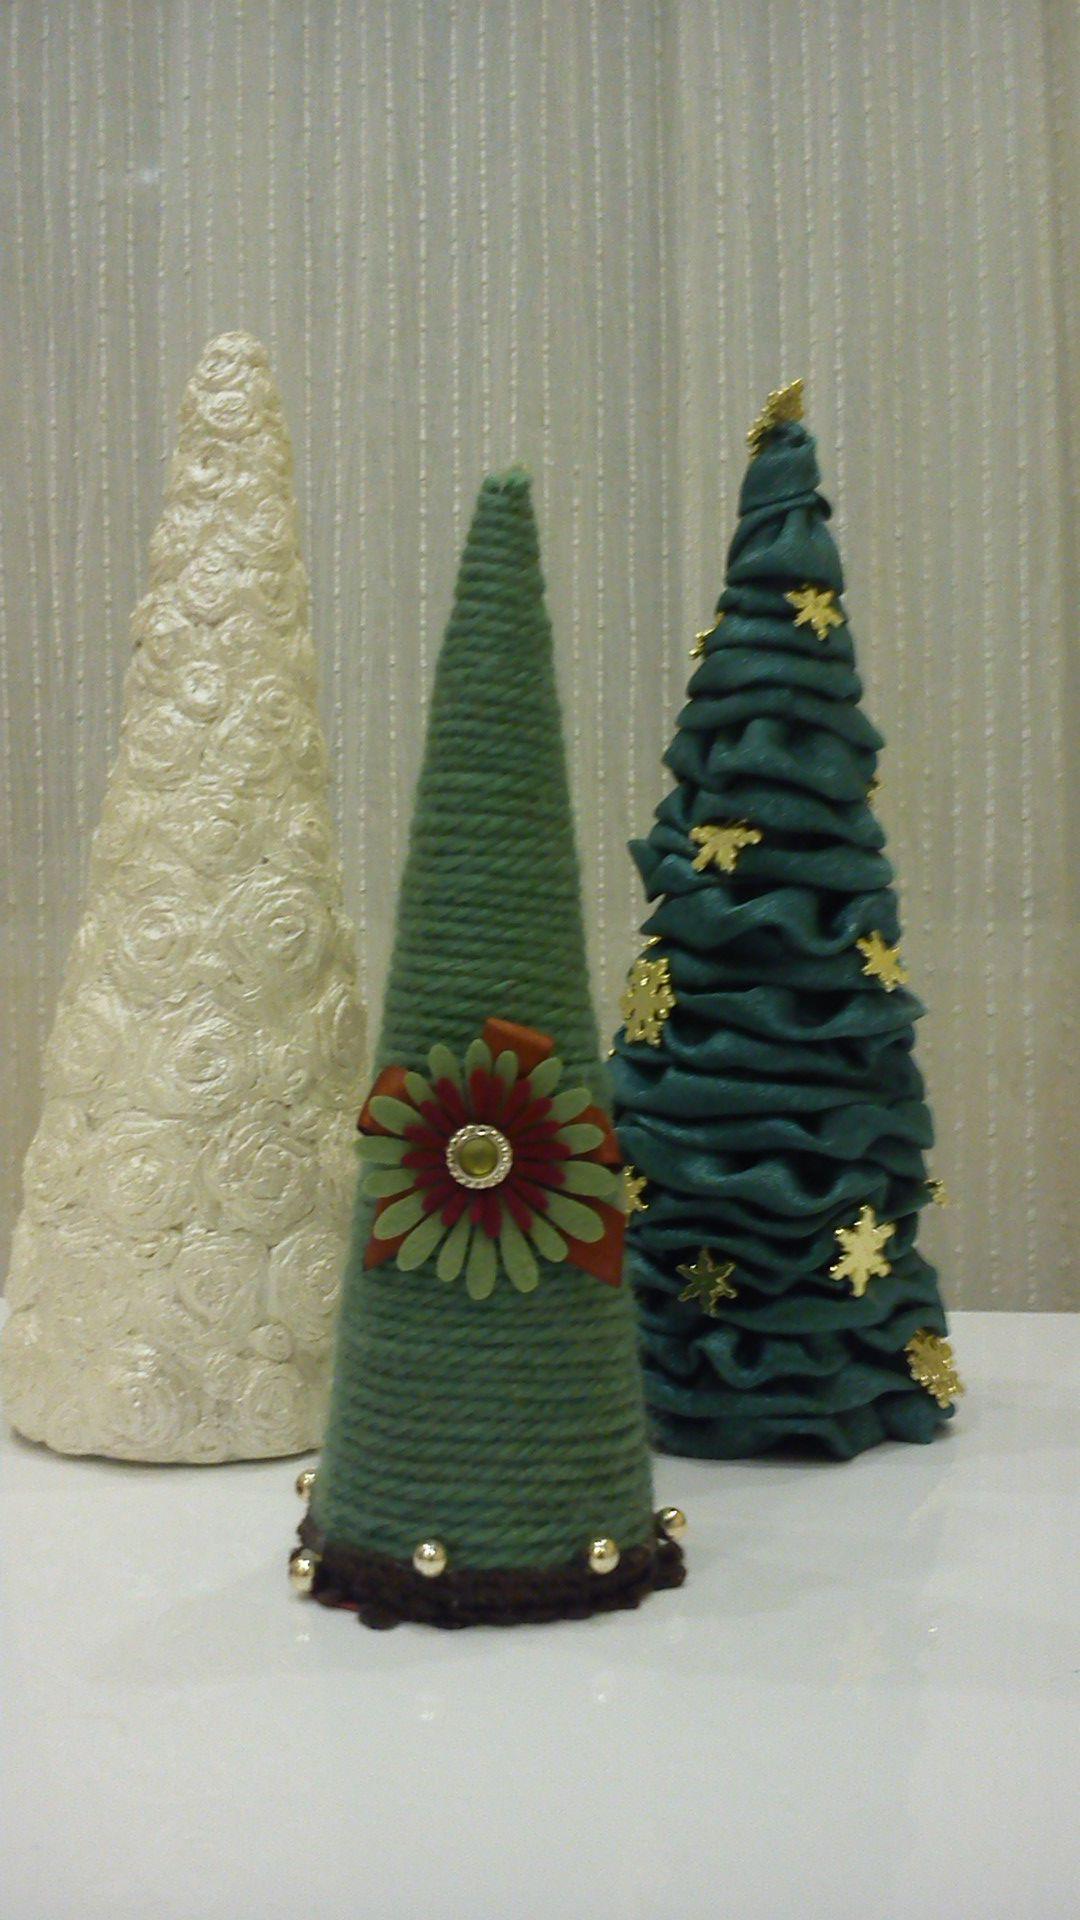 декорновосибирск елка новыйгод подарок